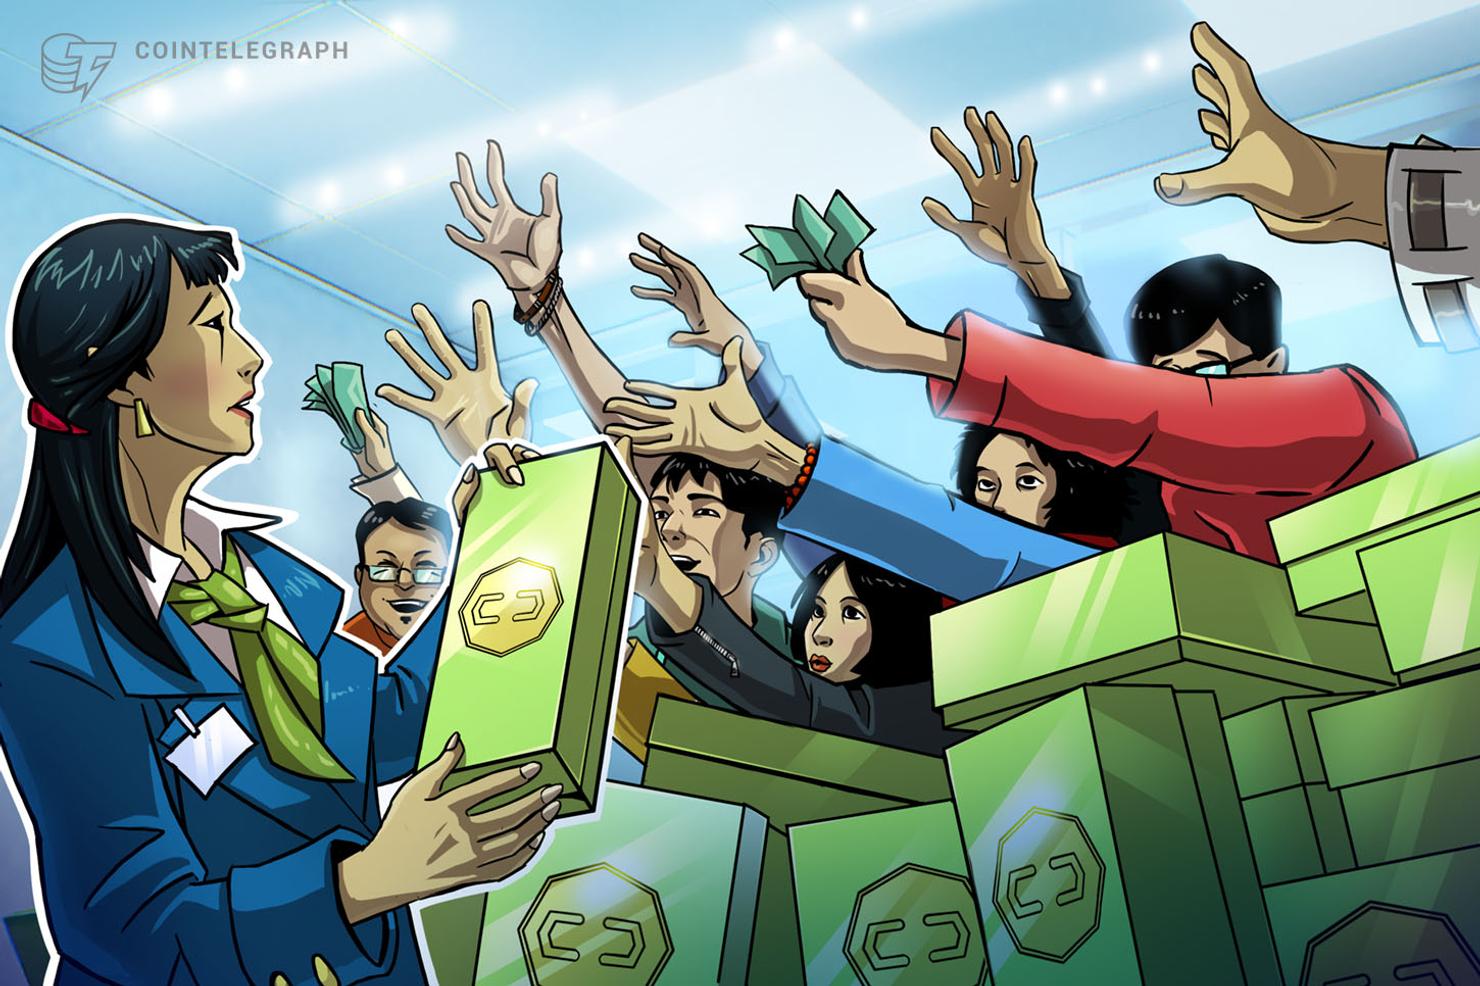 ヘデラ・ハッシュグラフ、リリース延期に合意するHBARトークン所有者らに追加の仮想通貨提供へ【ニュース】